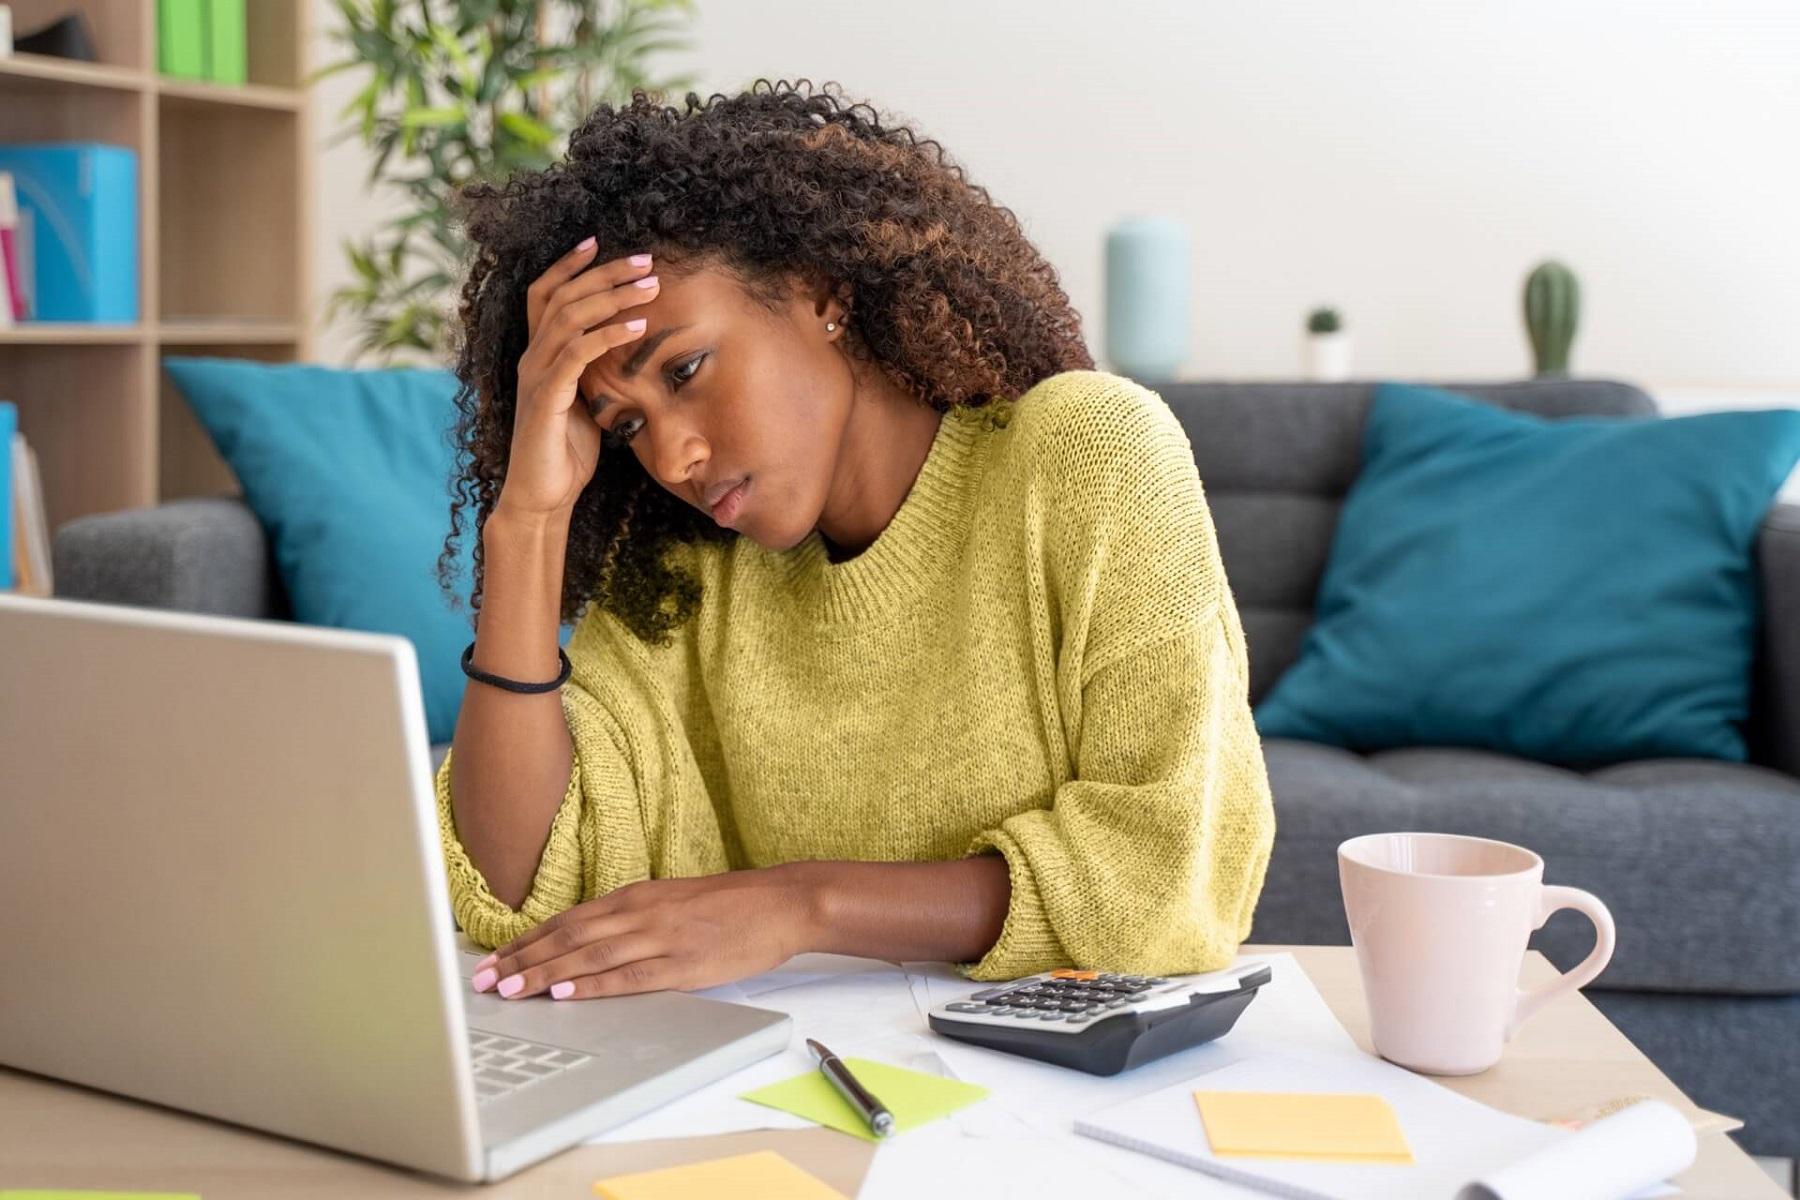 Κορωνοϊός Κόσμος: Πώς να προστατέψετε την ψυχική σας υγεία κατά τη διάρκεια της εποχής COVID